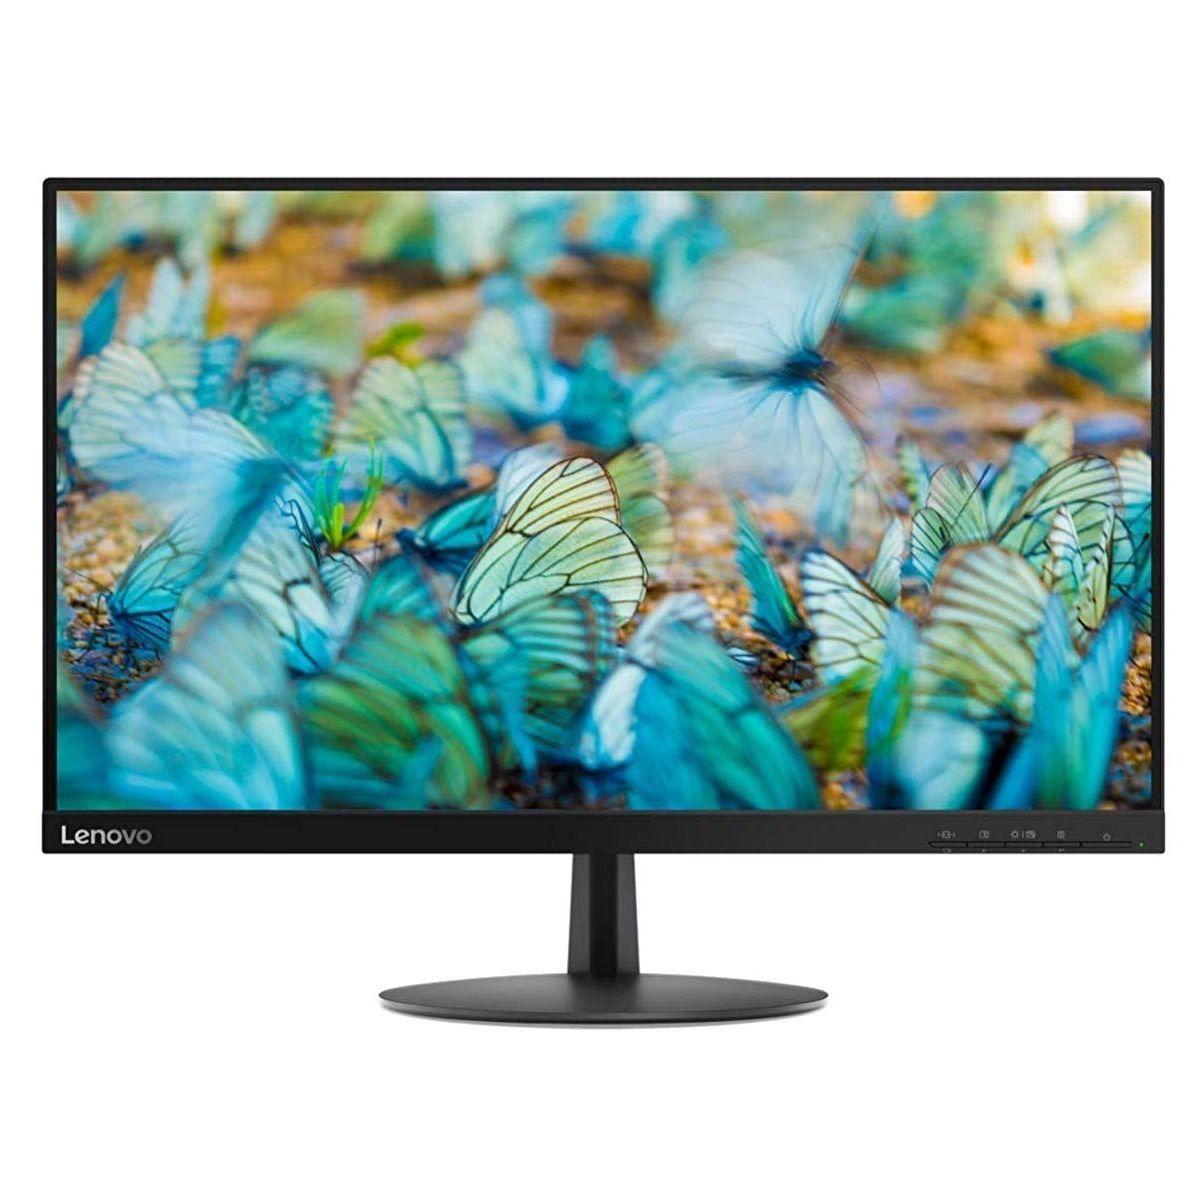 লেনোভো L24e 24-Inch monitor